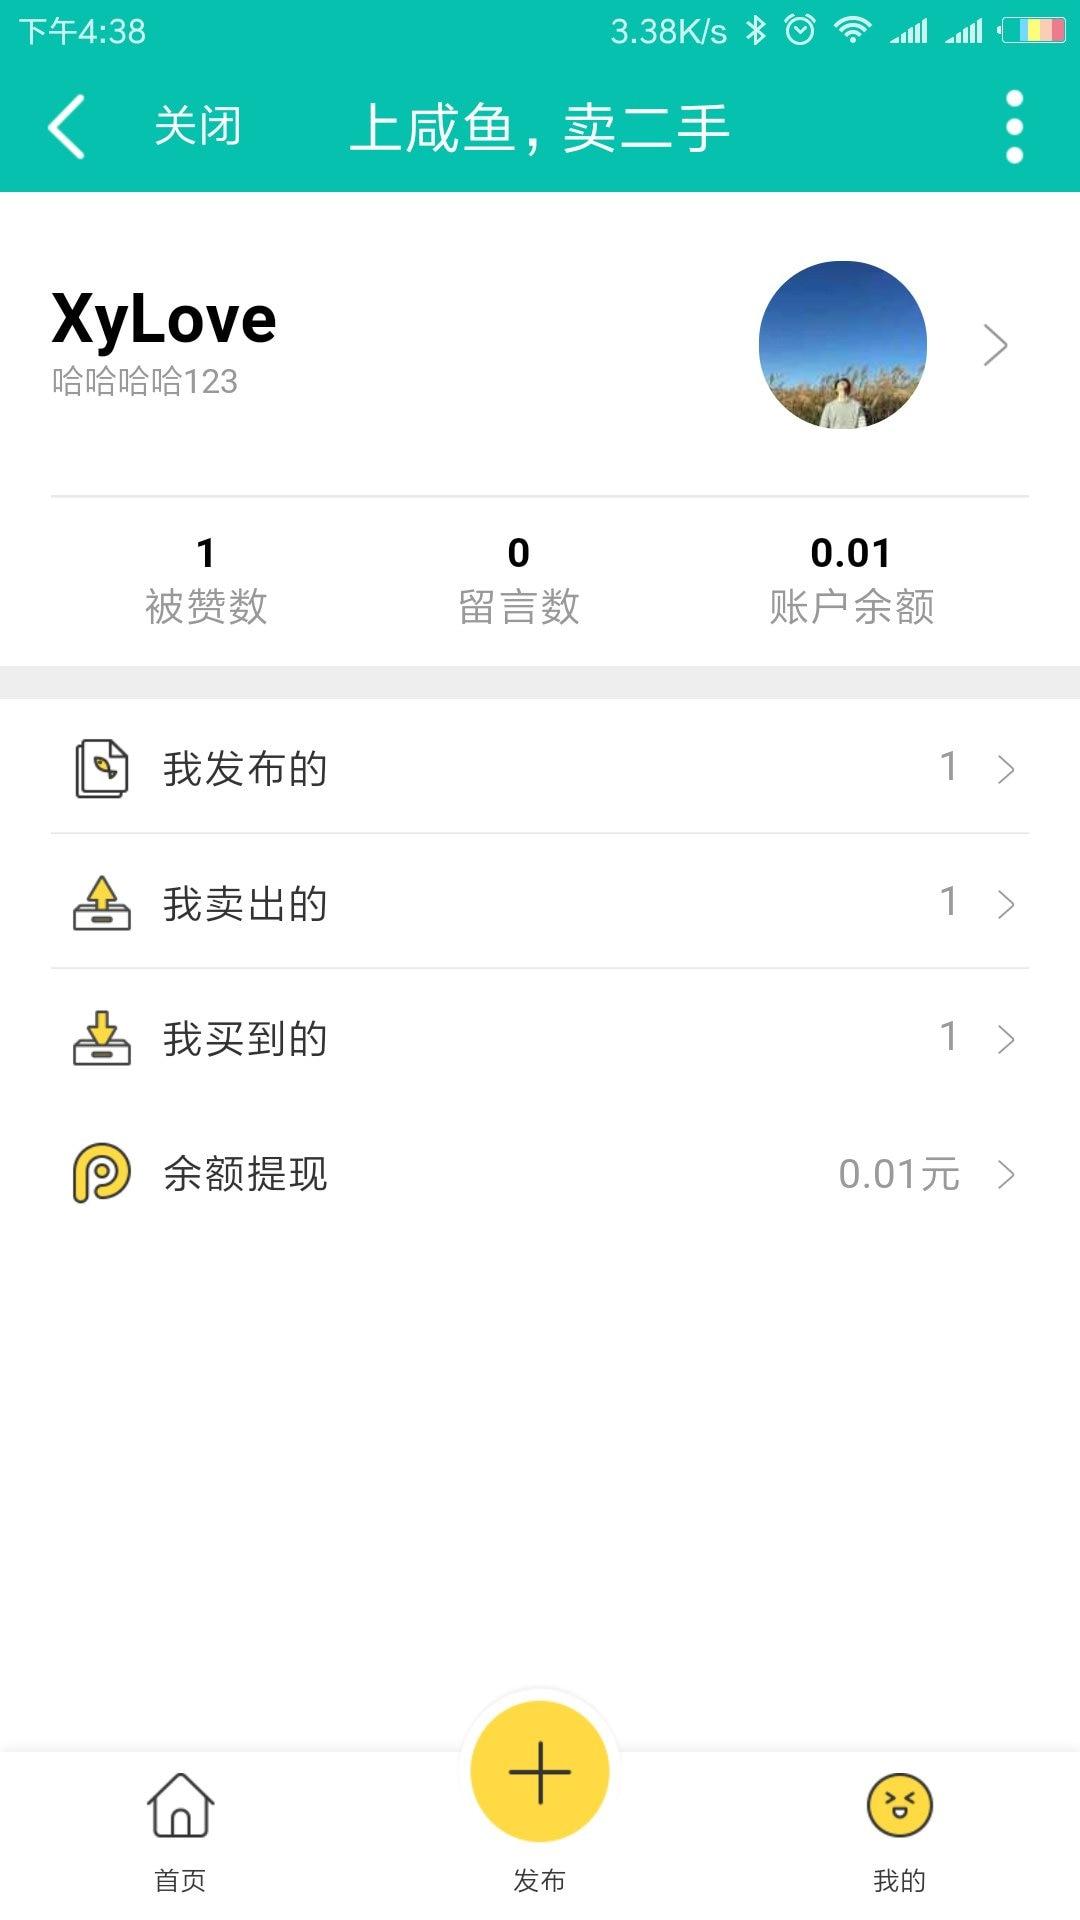 【Discuz】七豆高仿闲鱼社区二手物品交易市场网站源码